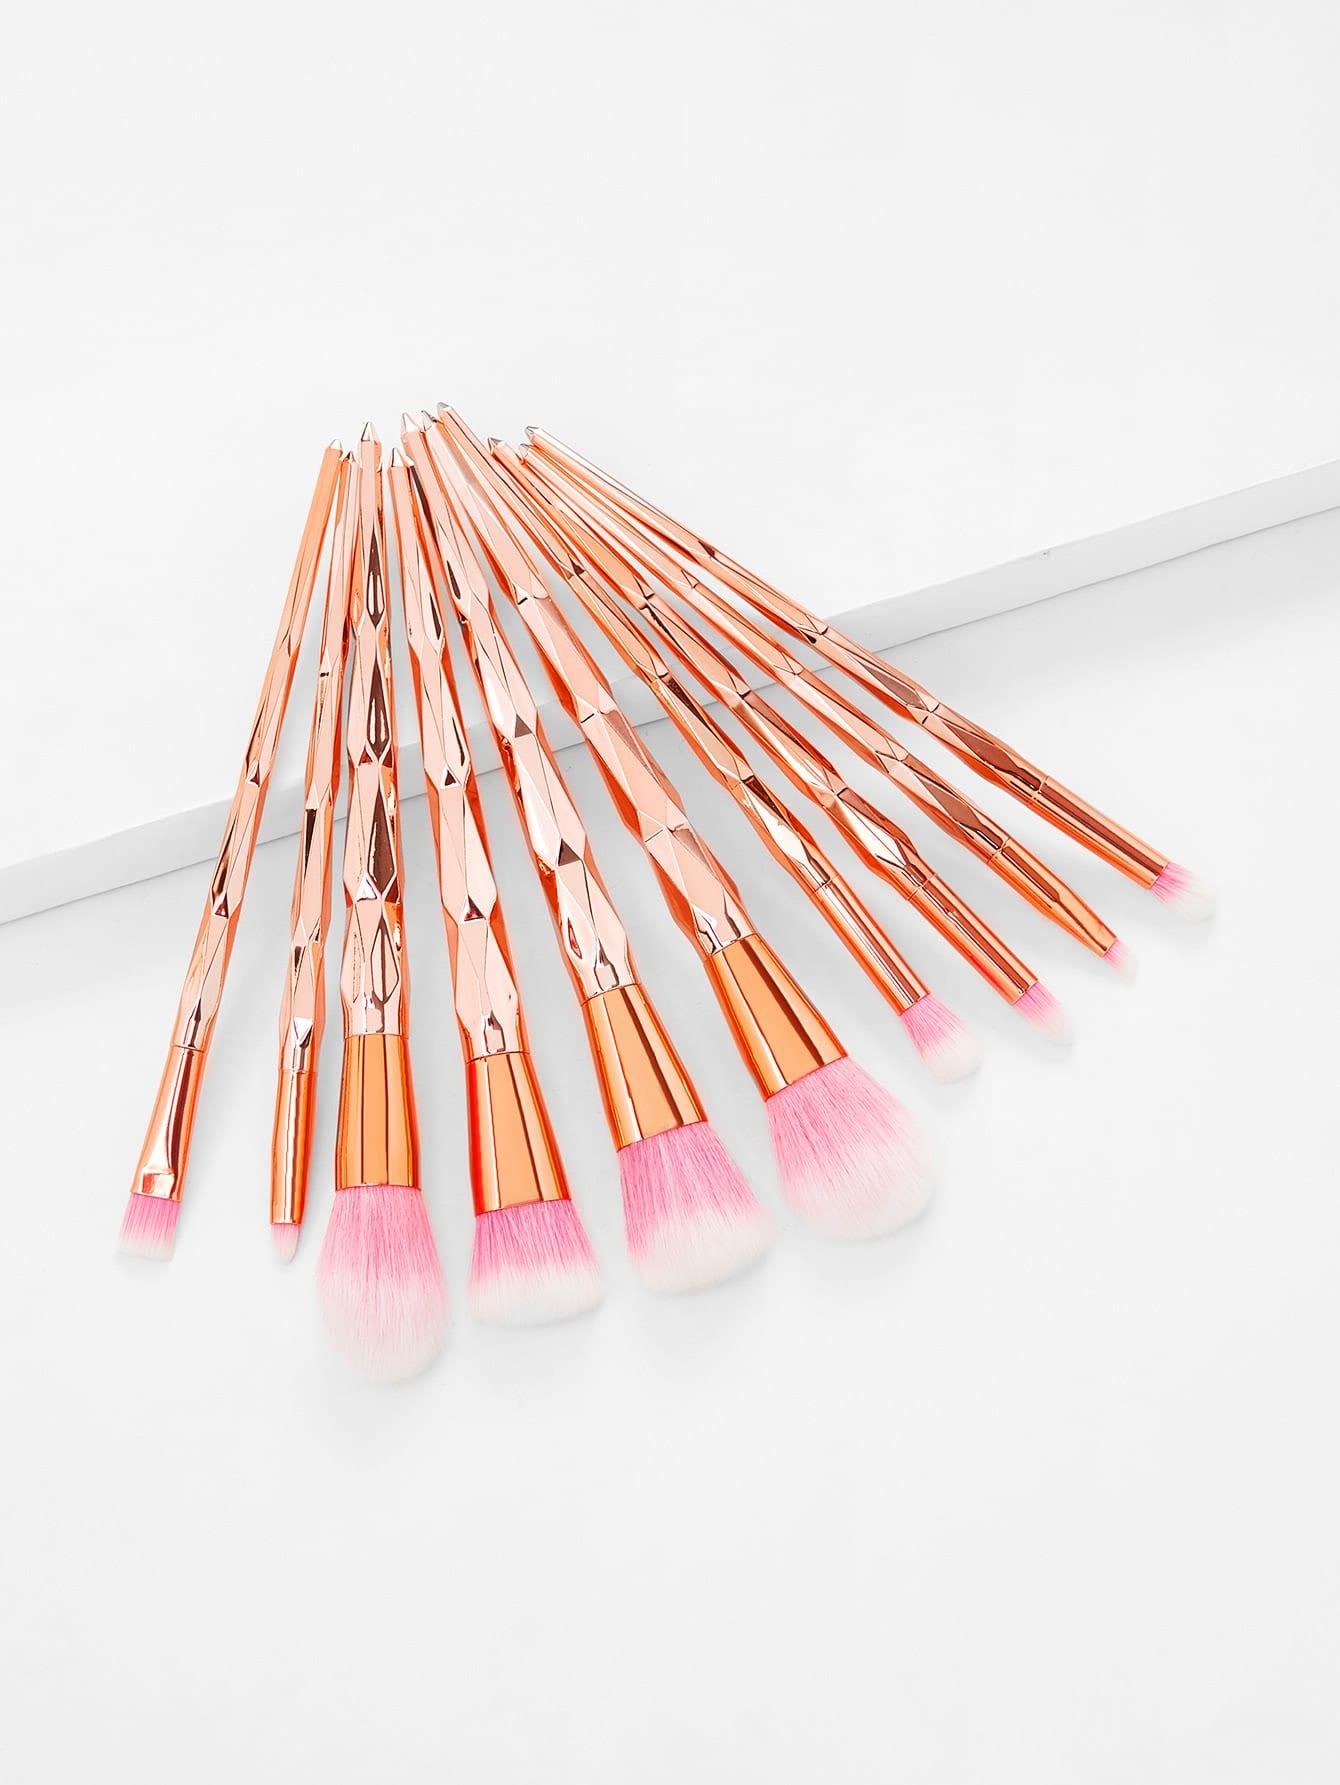 Diamond Shaped Makeup Brush 10pcs 10pcs ad79023bs